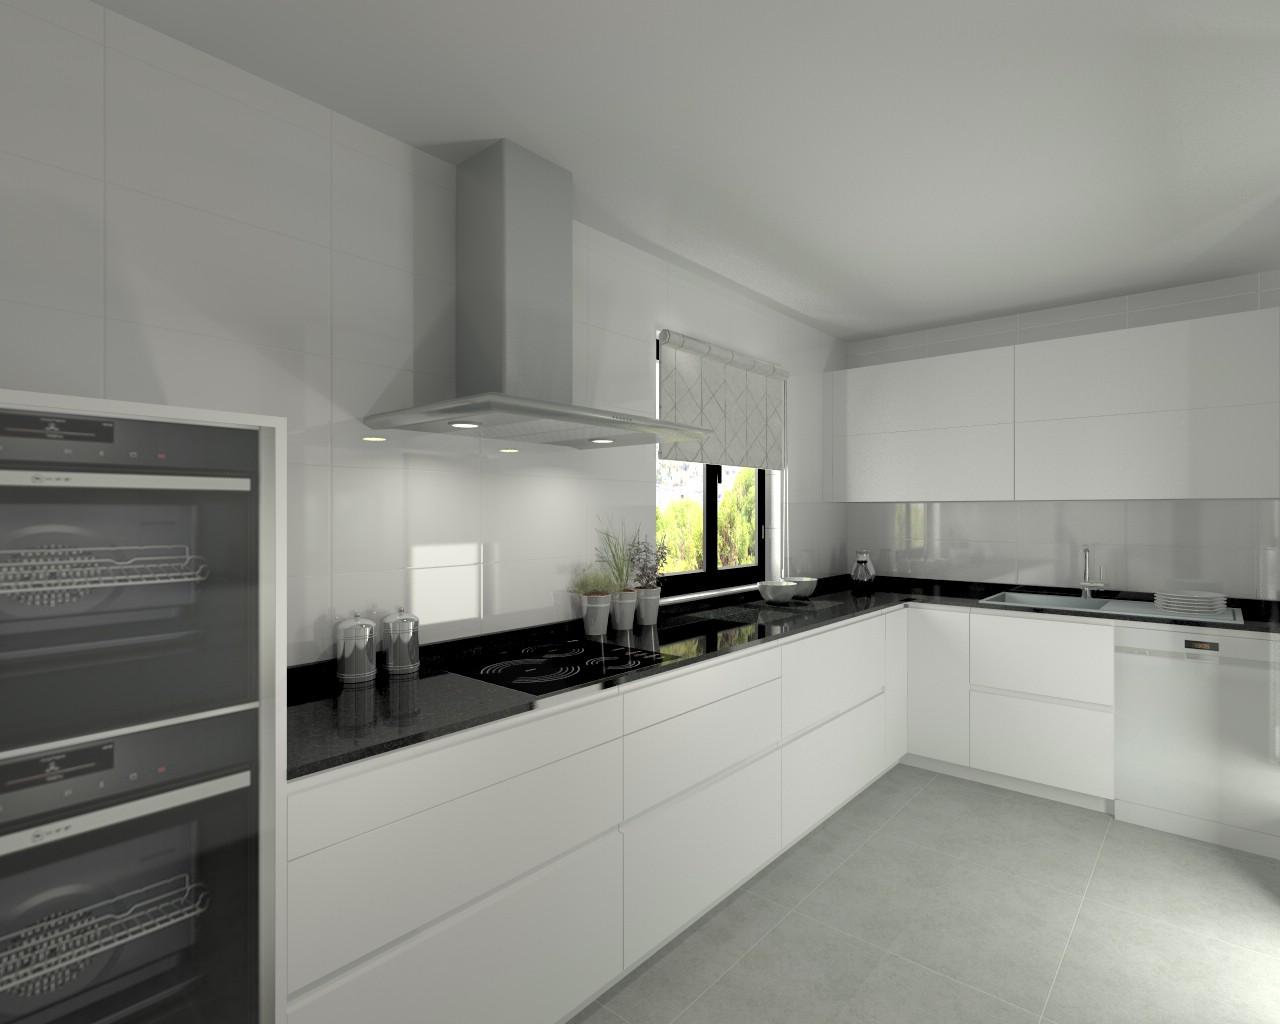 Aravaca cocina santos modelo line l blanco seda - Docrys cocinas ...